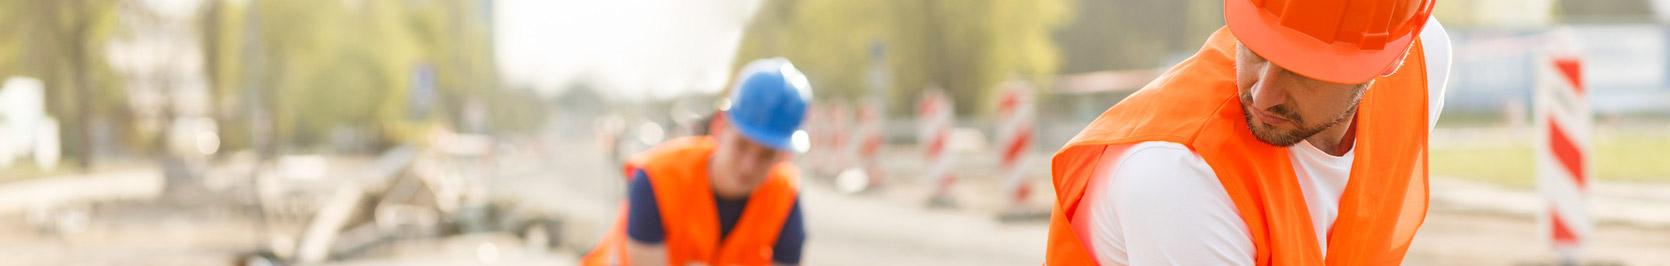 Sicherheitsausrüstung / Baustellen-Zubehör